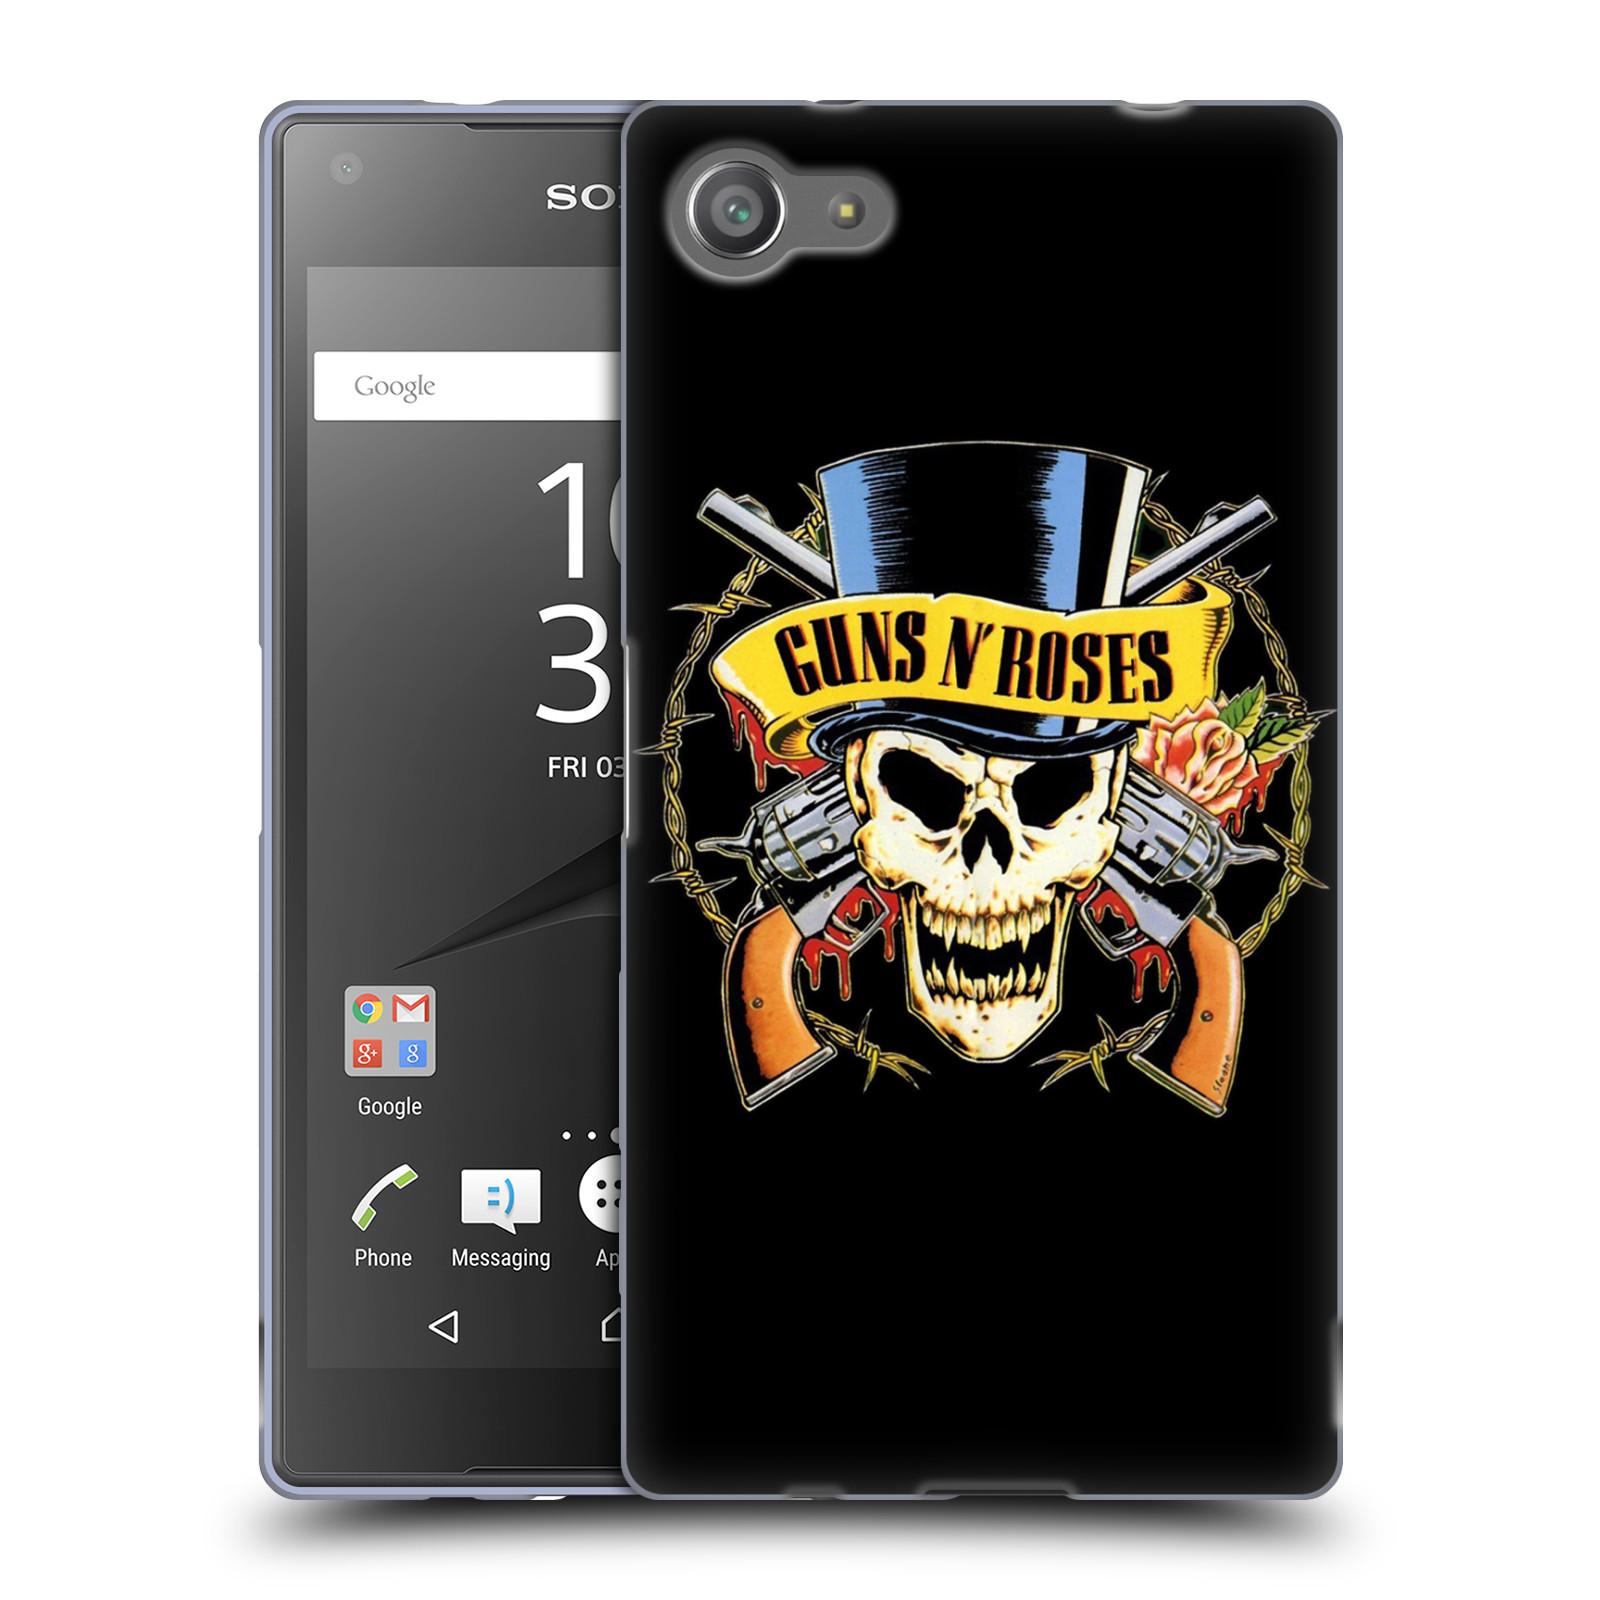 Silikonové pouzdro na mobil Sony Xperia Z5 Compact HEAD CASE Guns N' Roses - Lebka